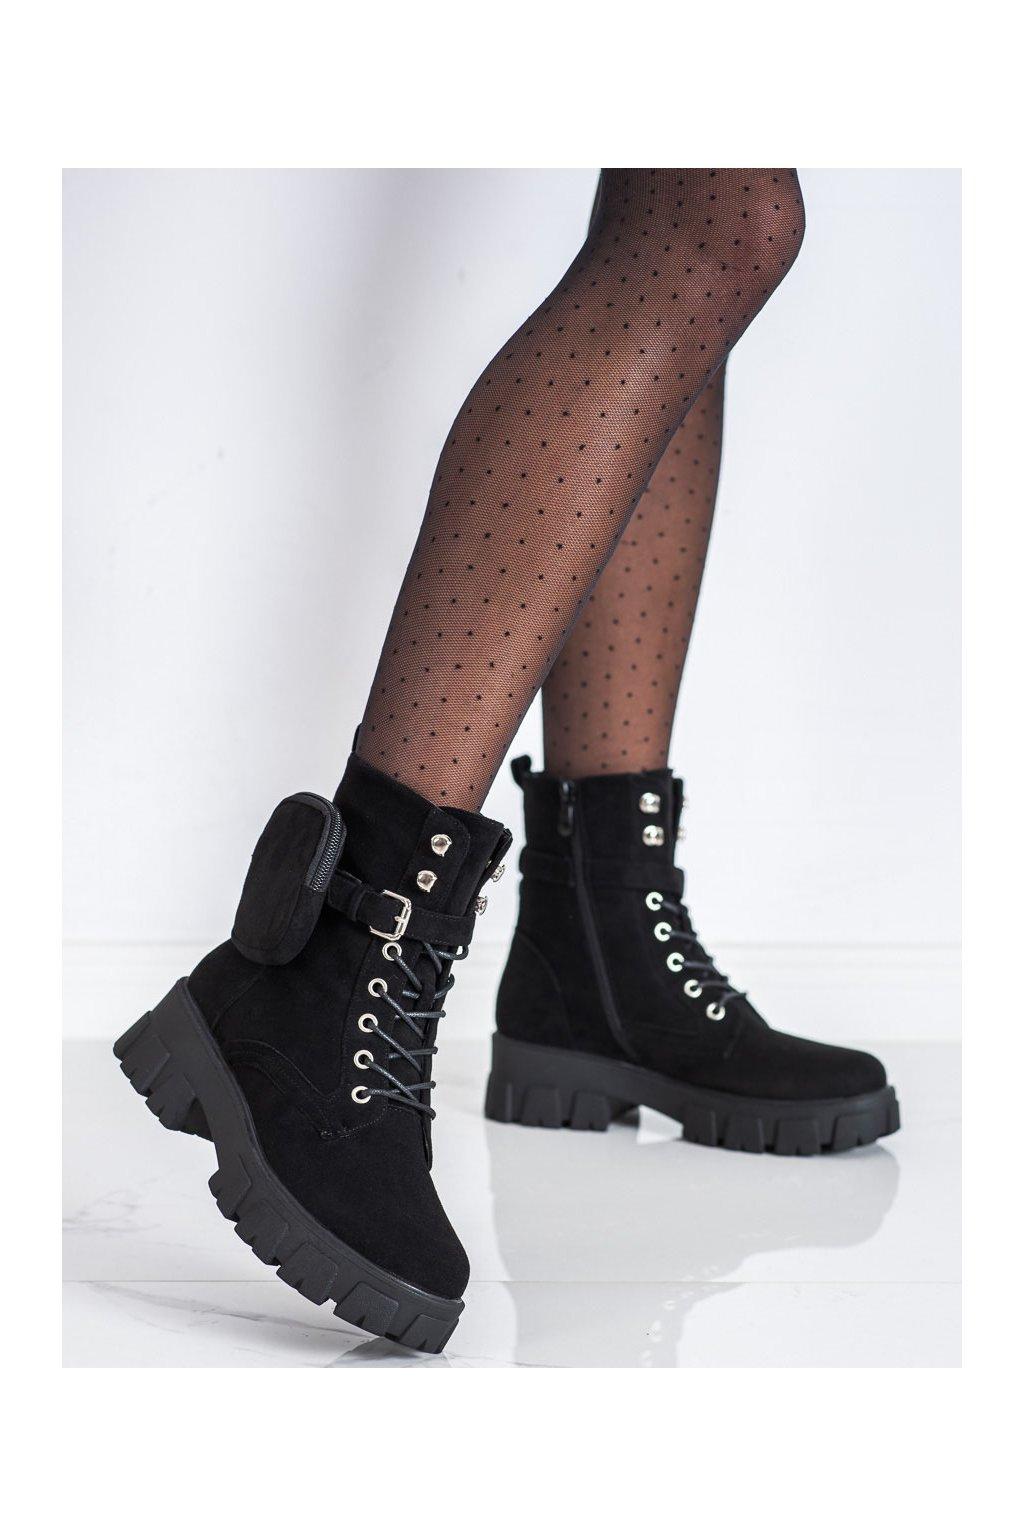 Čierne dámske topánky Vinceza kod HX22-16274B